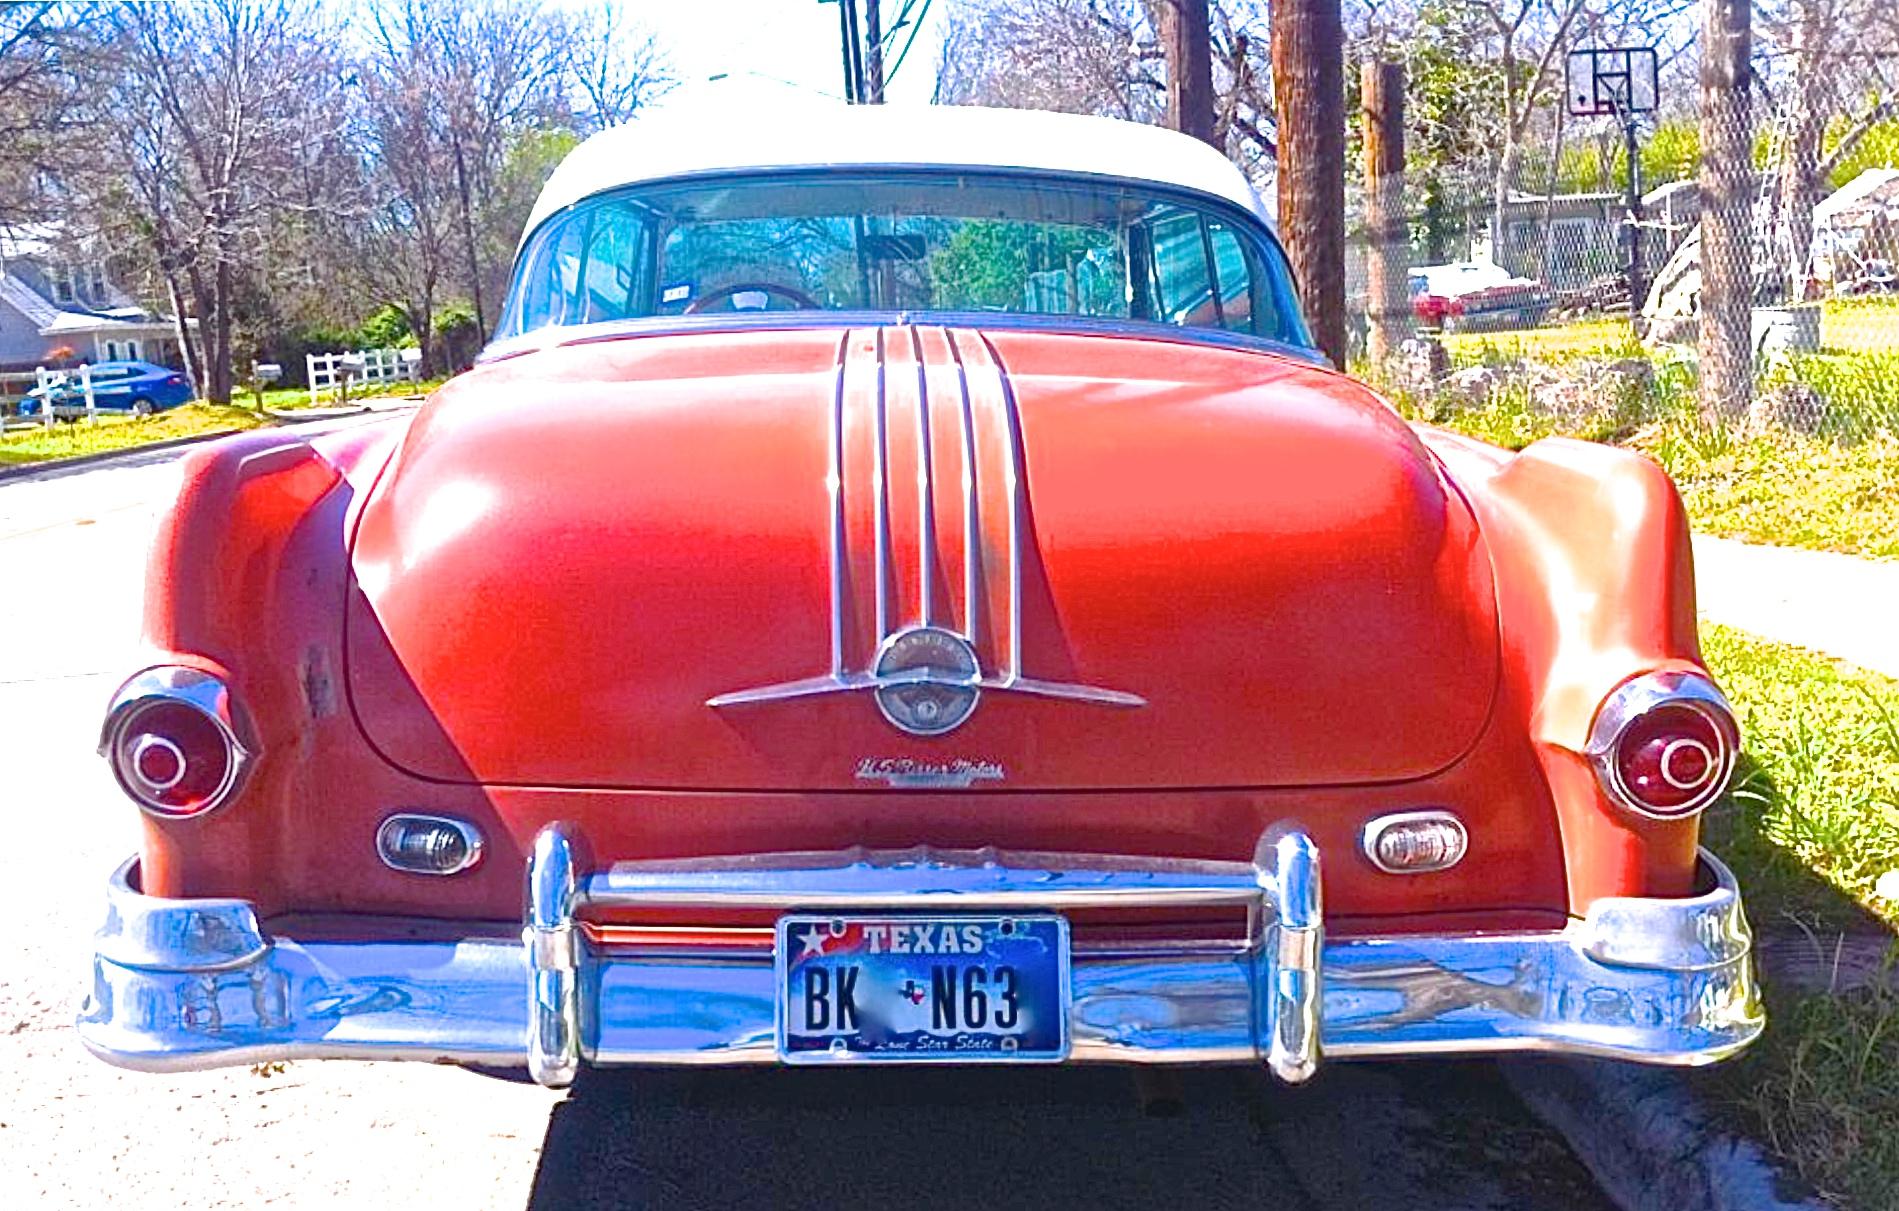 Car Garages Near Me >> 1954 Pontiac Coupe in E. Austin Near Airport Blvd. | ATX ...